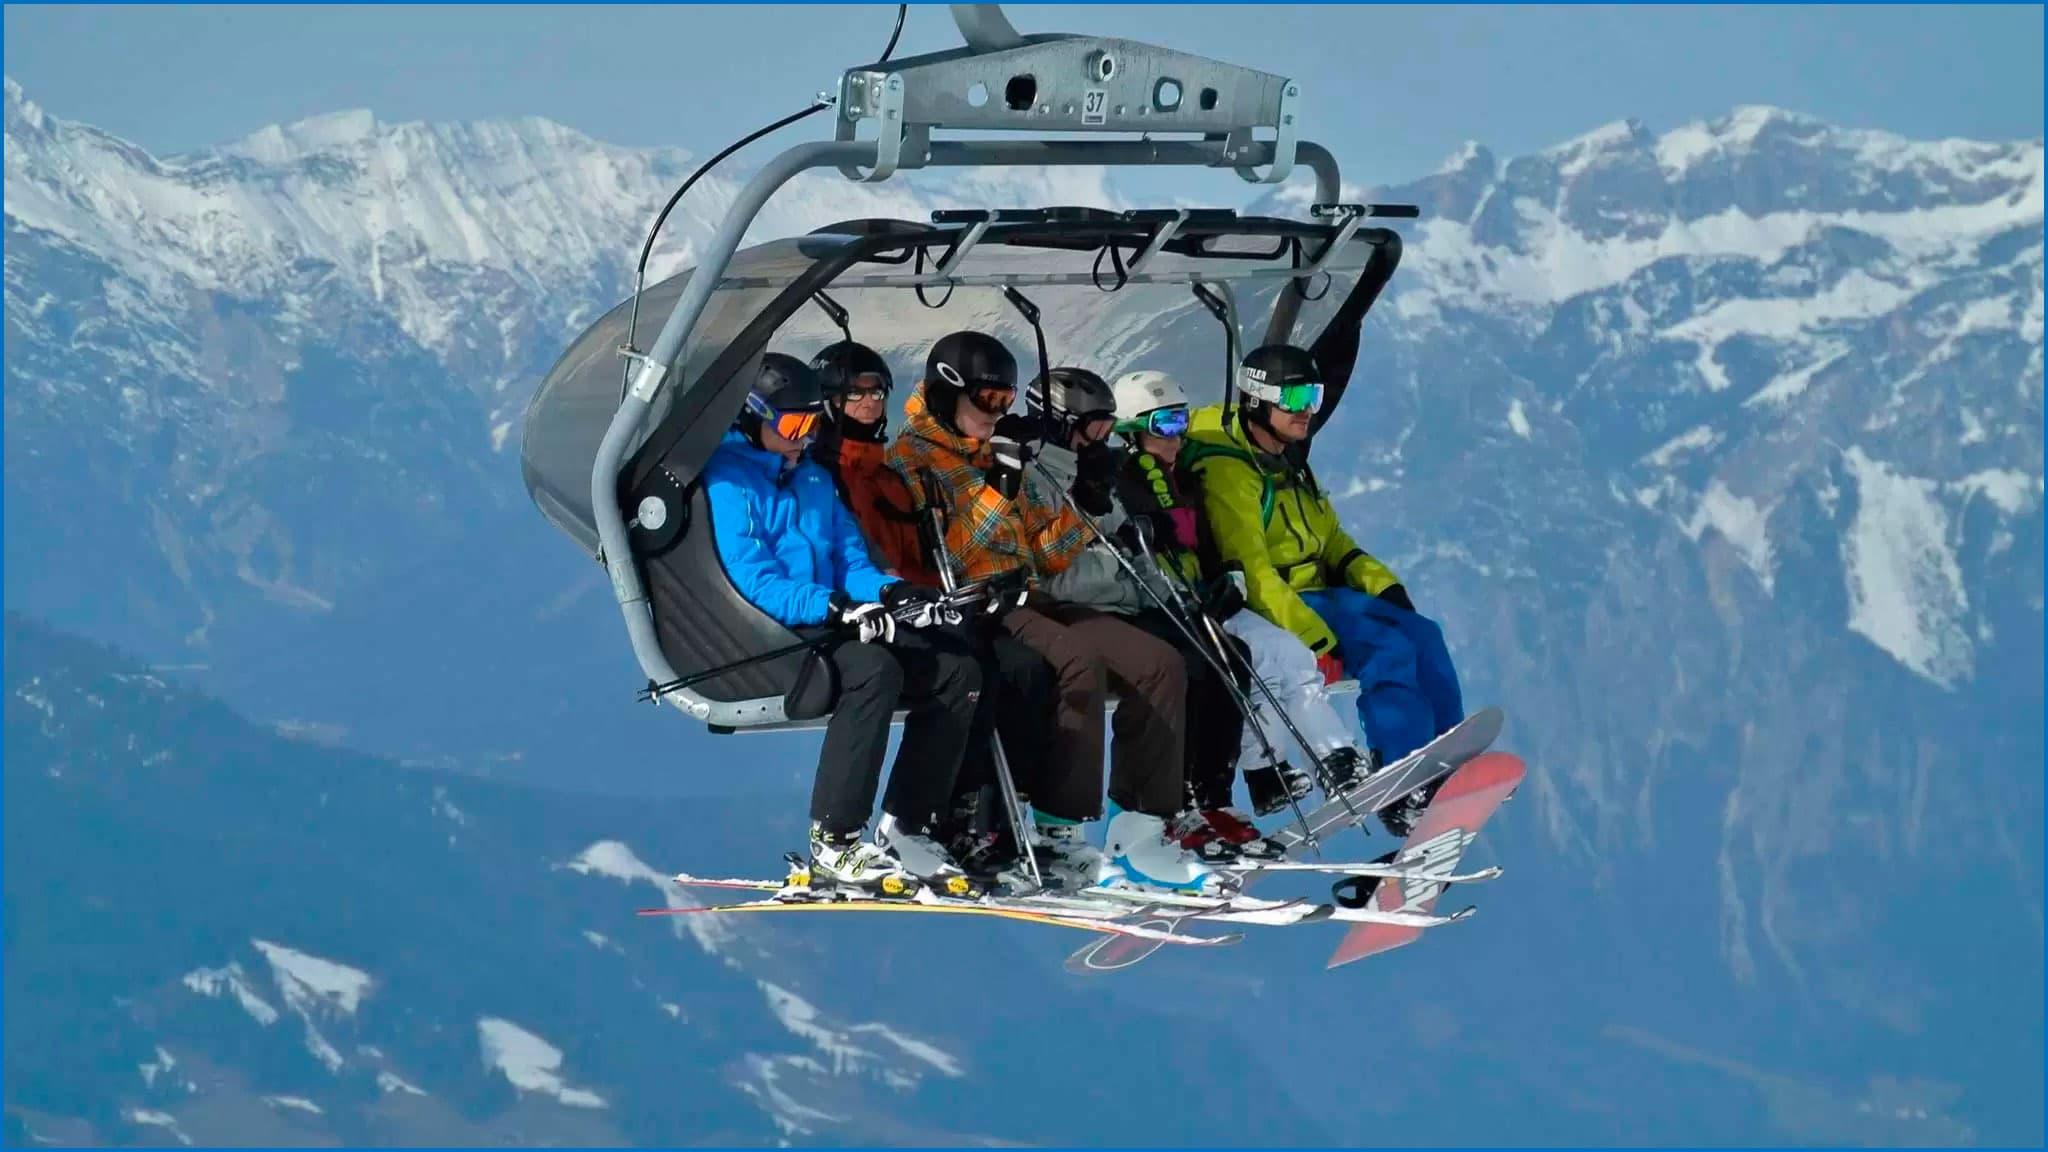 Горные лыжи или сноуборд: доводы за и против